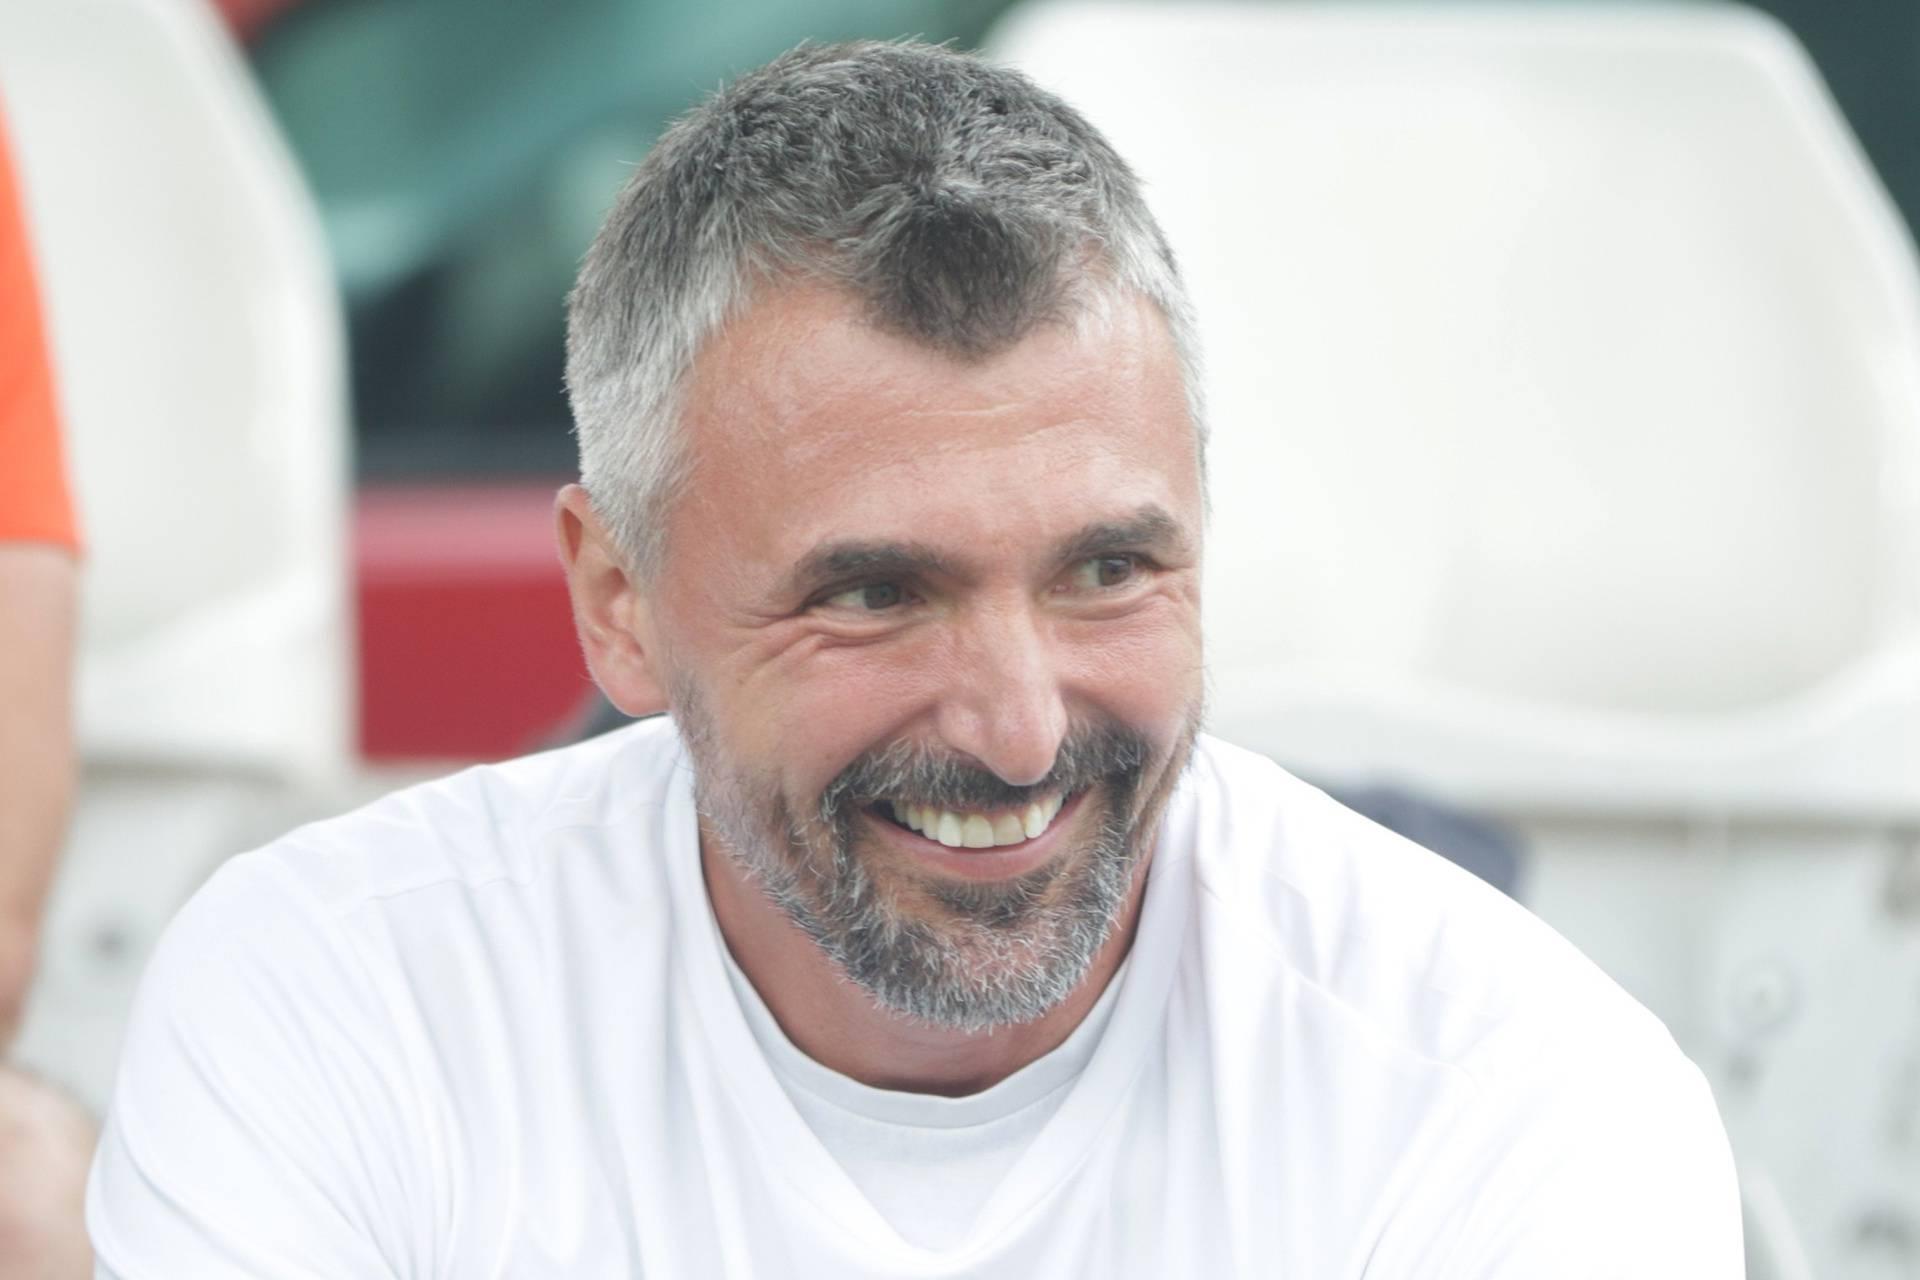 Goranov sin osvojio je turnir: E neka si uzea što ćaća nije moga!